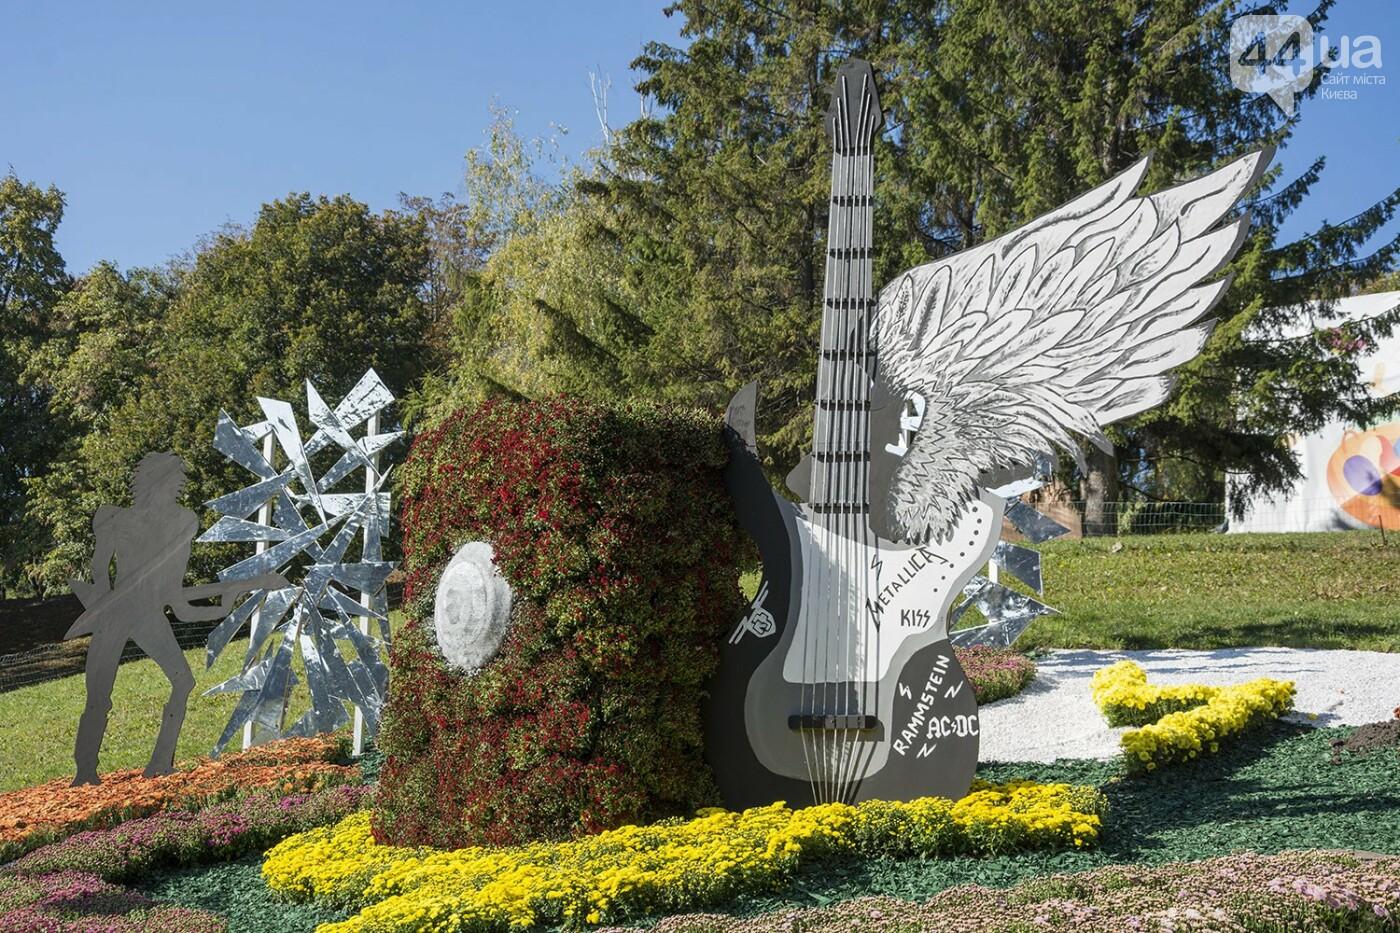 С музыкой и цветами: в Киеве стартовал красочный фестиваль хризантем, - ФОТОРЕПОРТАЖ, фото-13